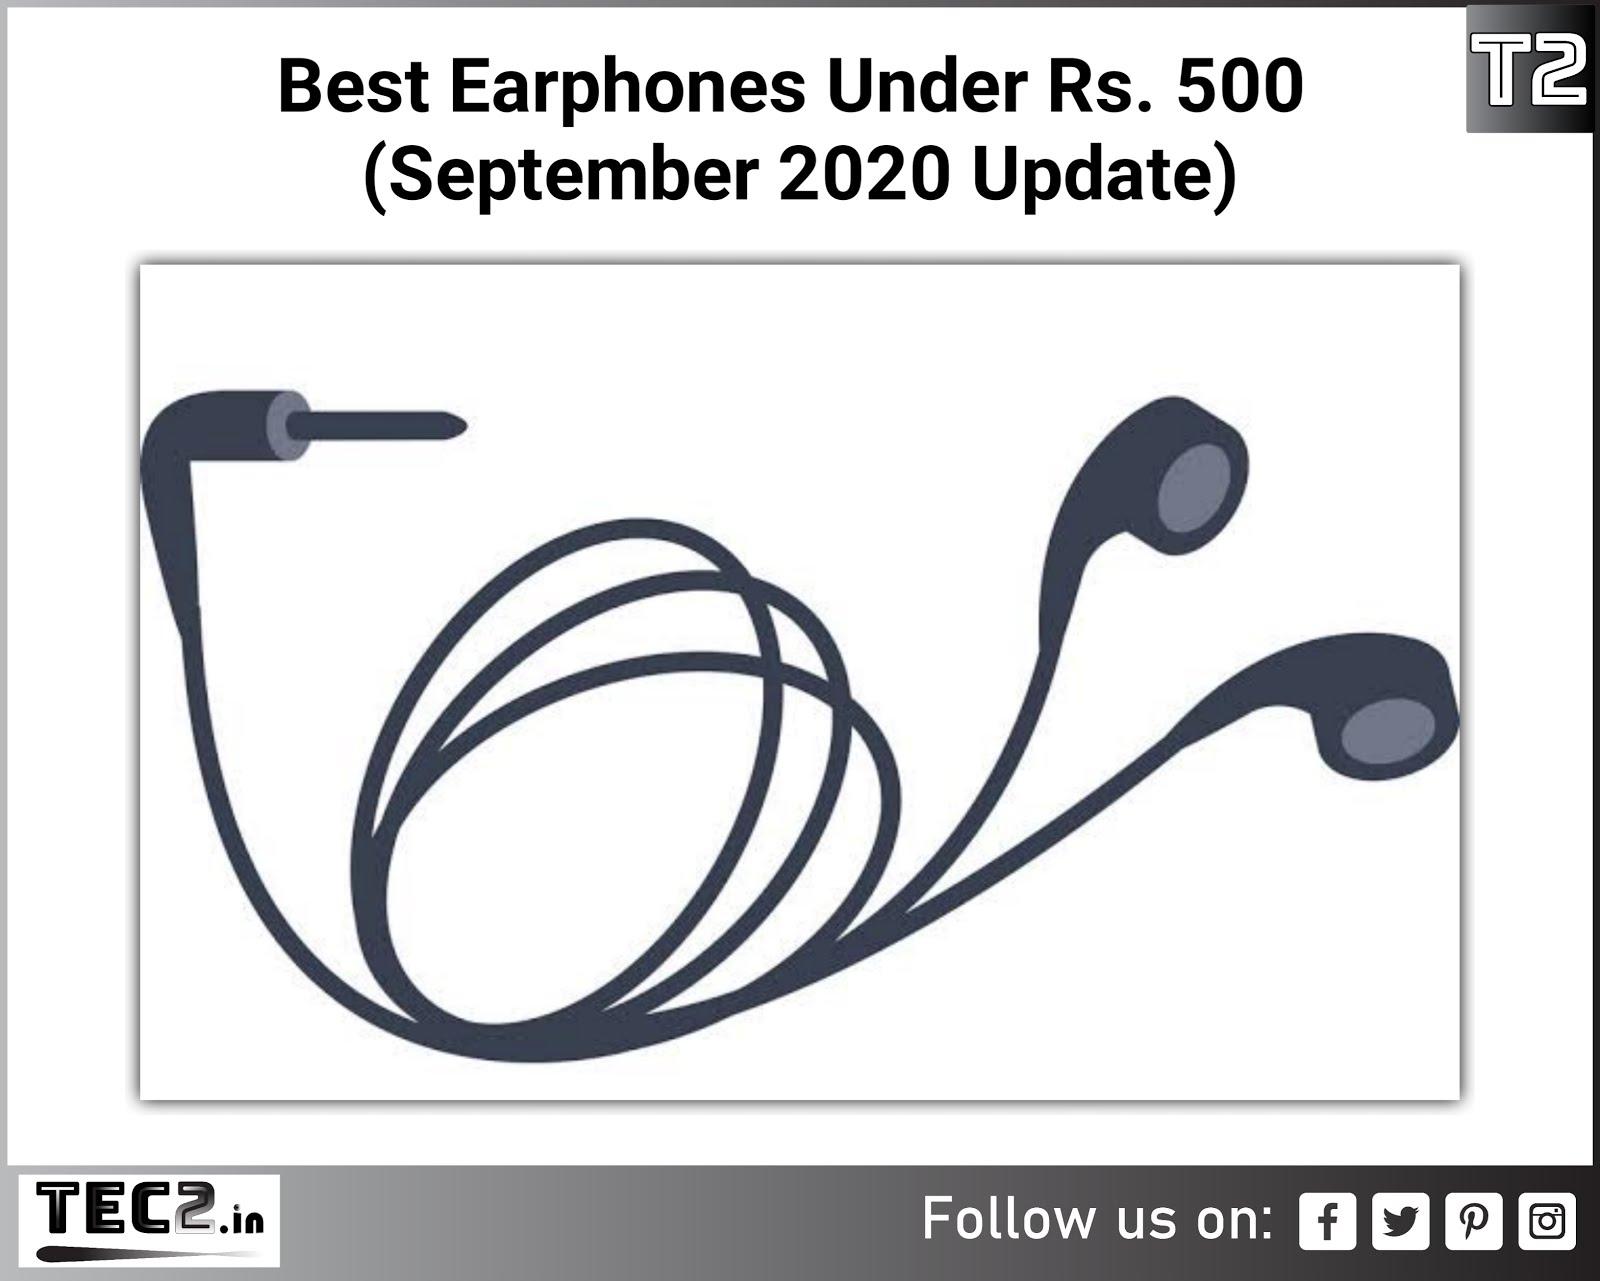 Best Earphones Under Rs. 500